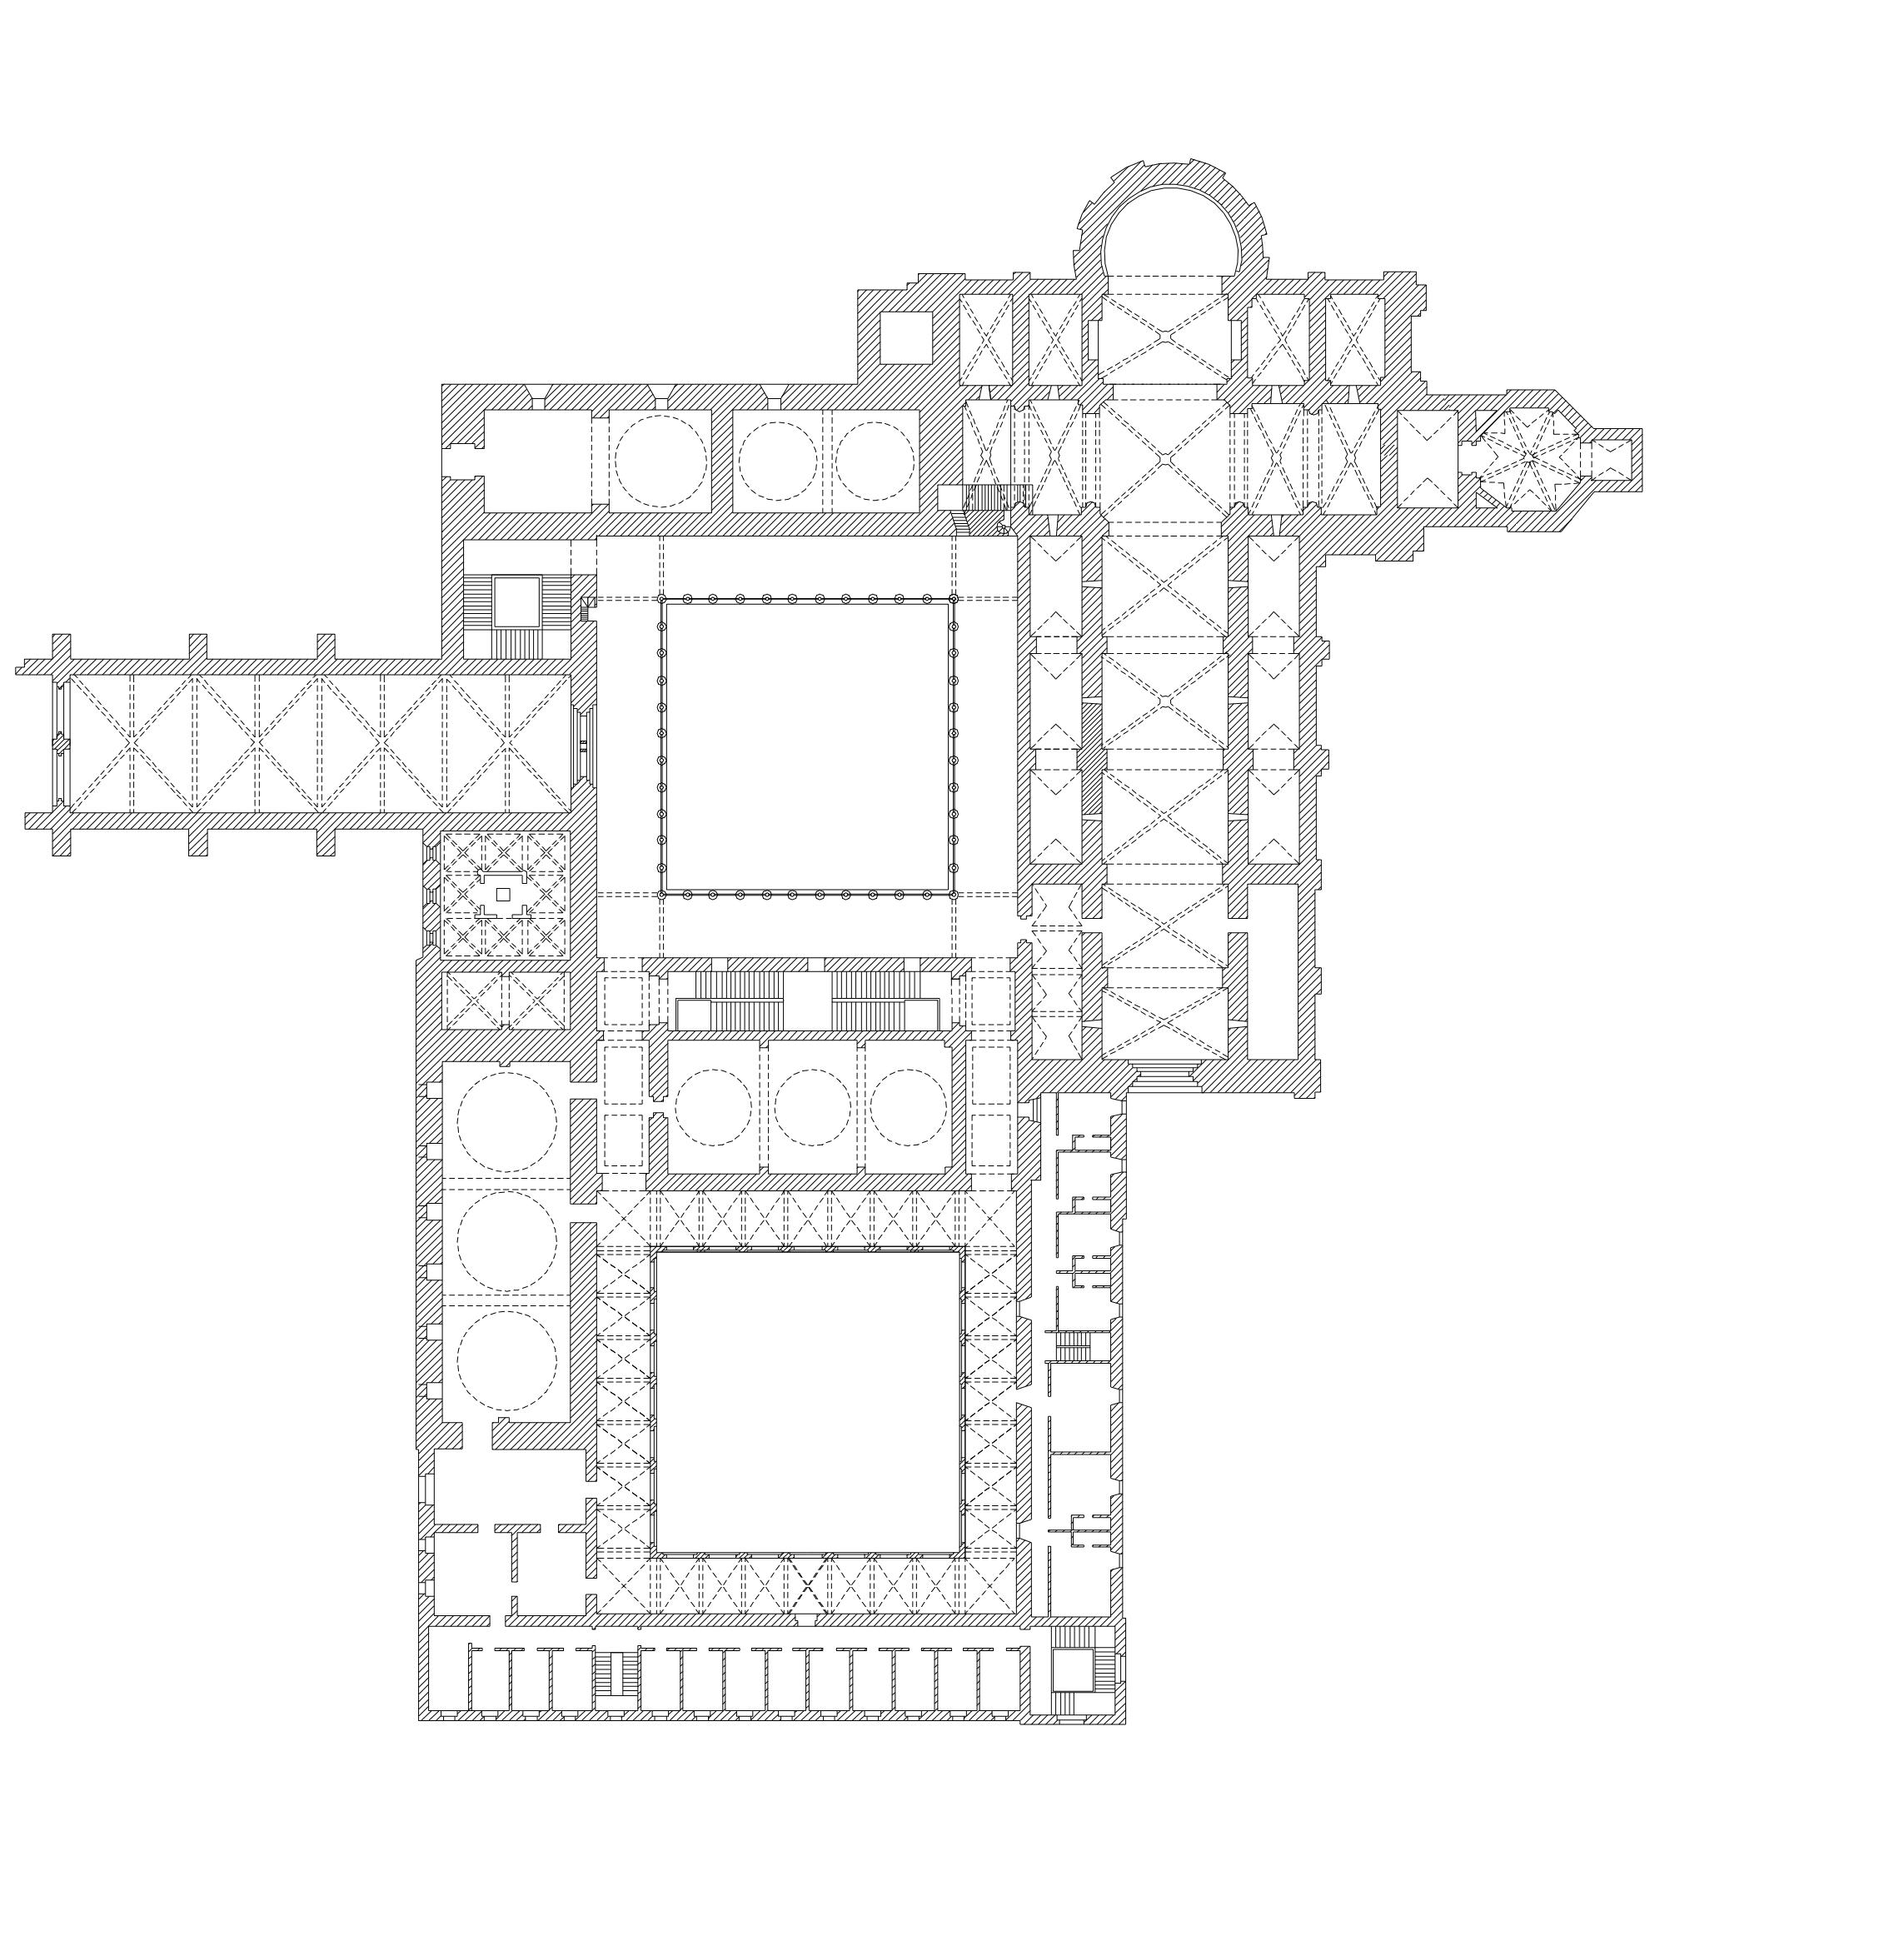 Restauración del Monasterio de Santa María de Huerta. Ministerio de cultura | Imagen de proyecto10